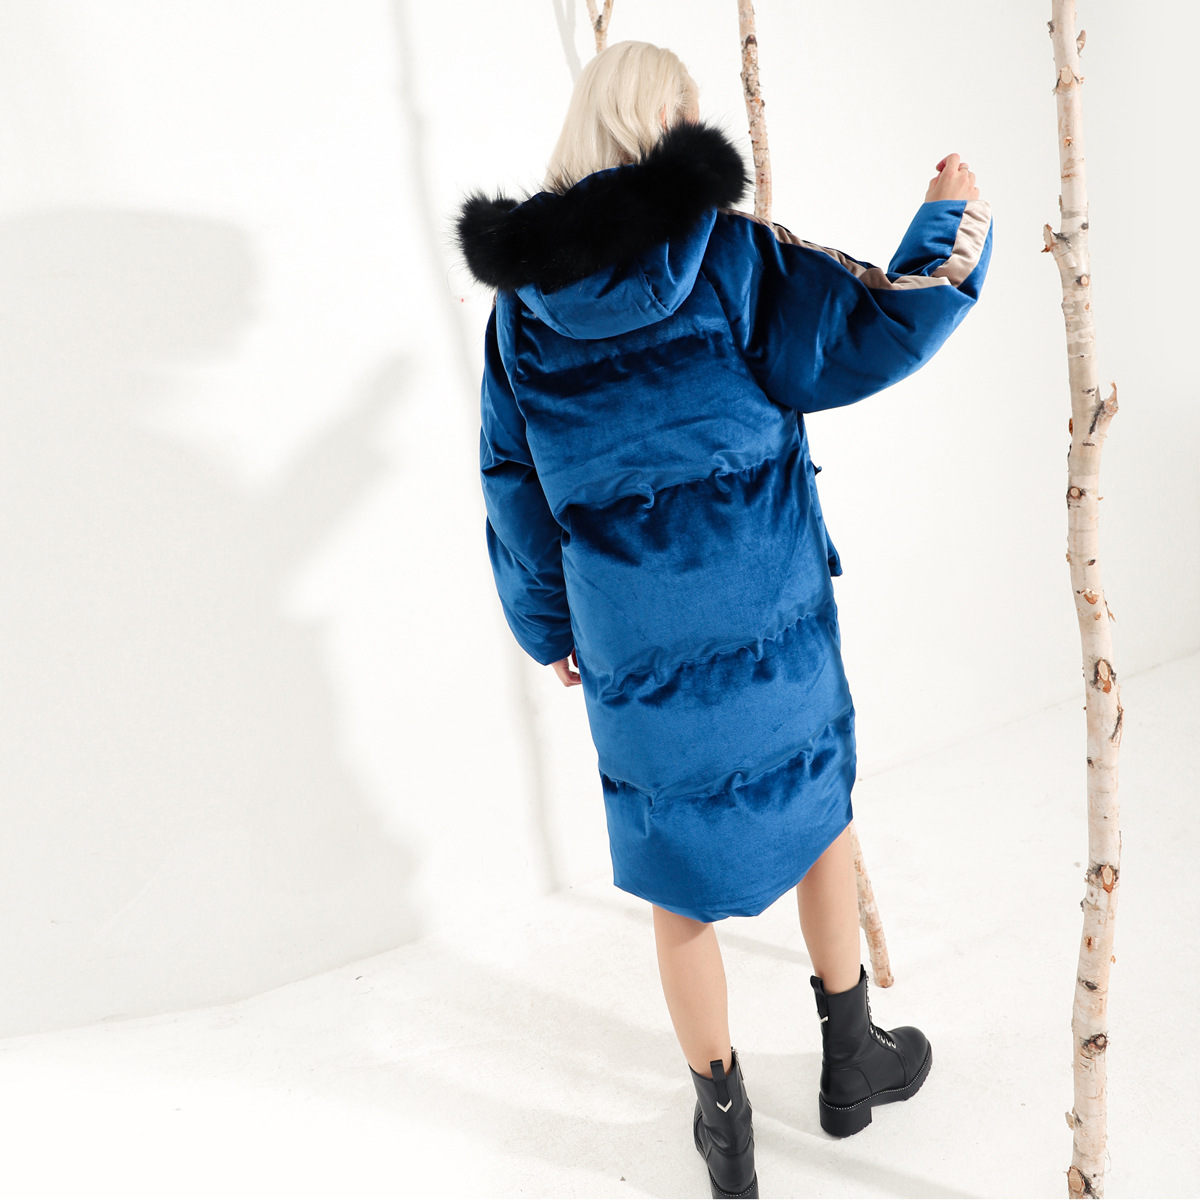 Et Collier Qd957 Chart Coton bleu Moyen Épais Laine Veste See D'or De Long Nouvelle Pain Terme Velours Avec Chapeau gwEFTxqnZ7